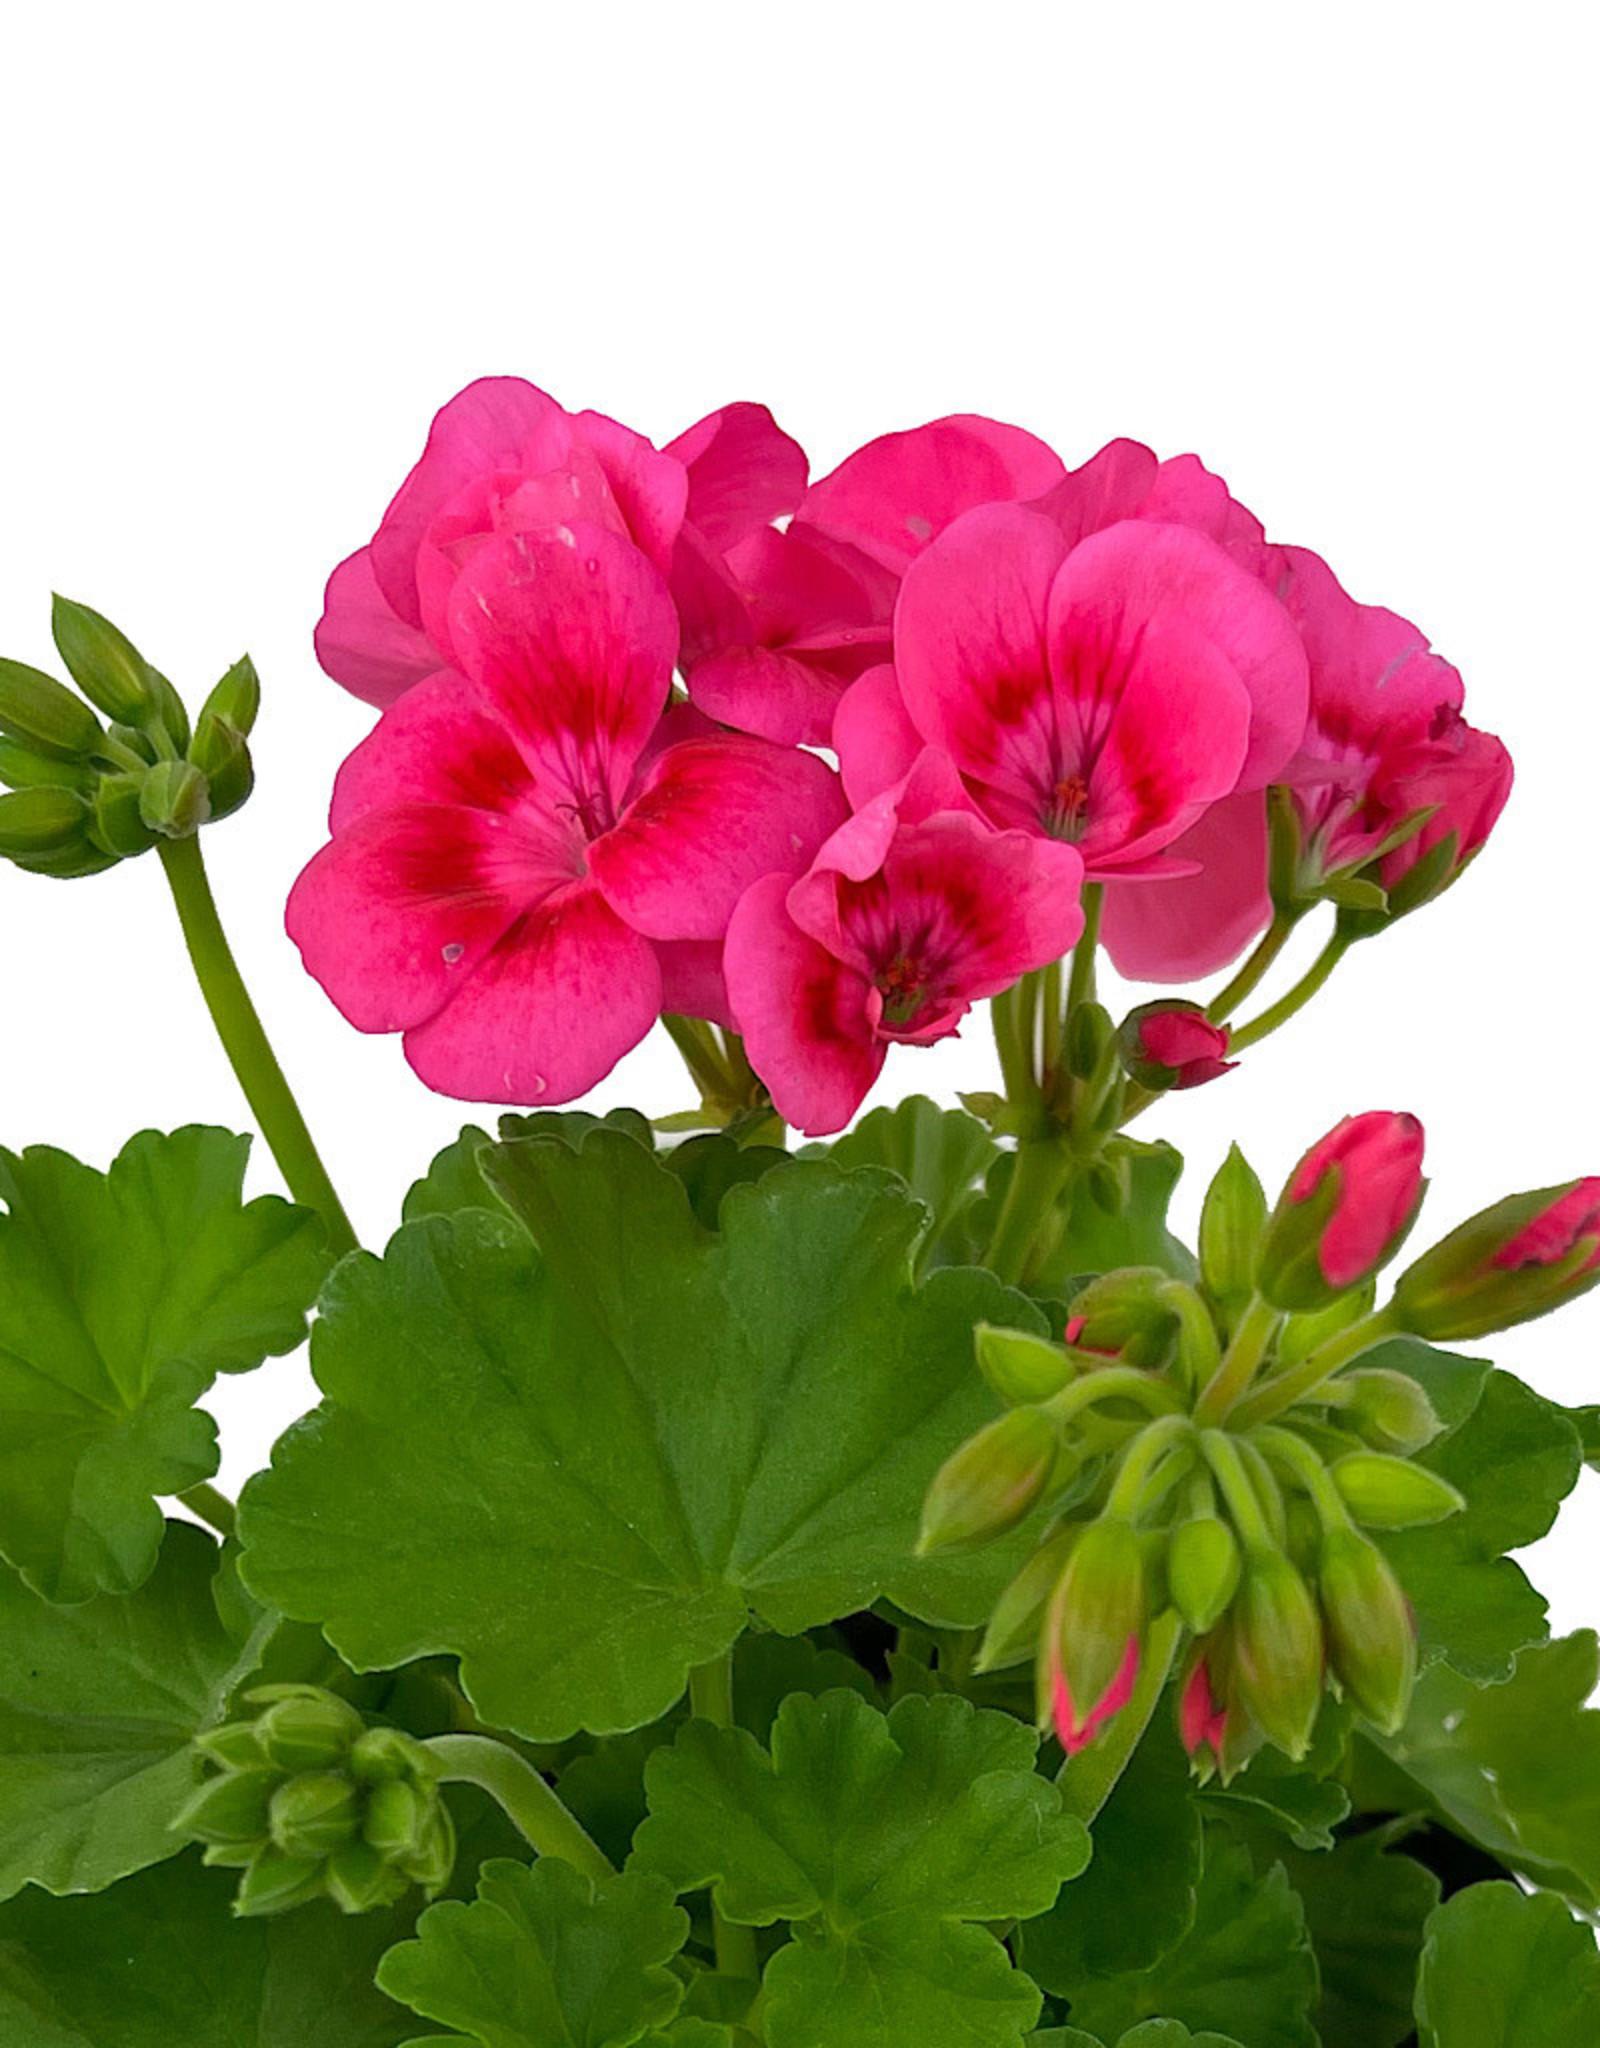 Geranium Zonal 'Pretty Little Pink Splash' 5 Inch